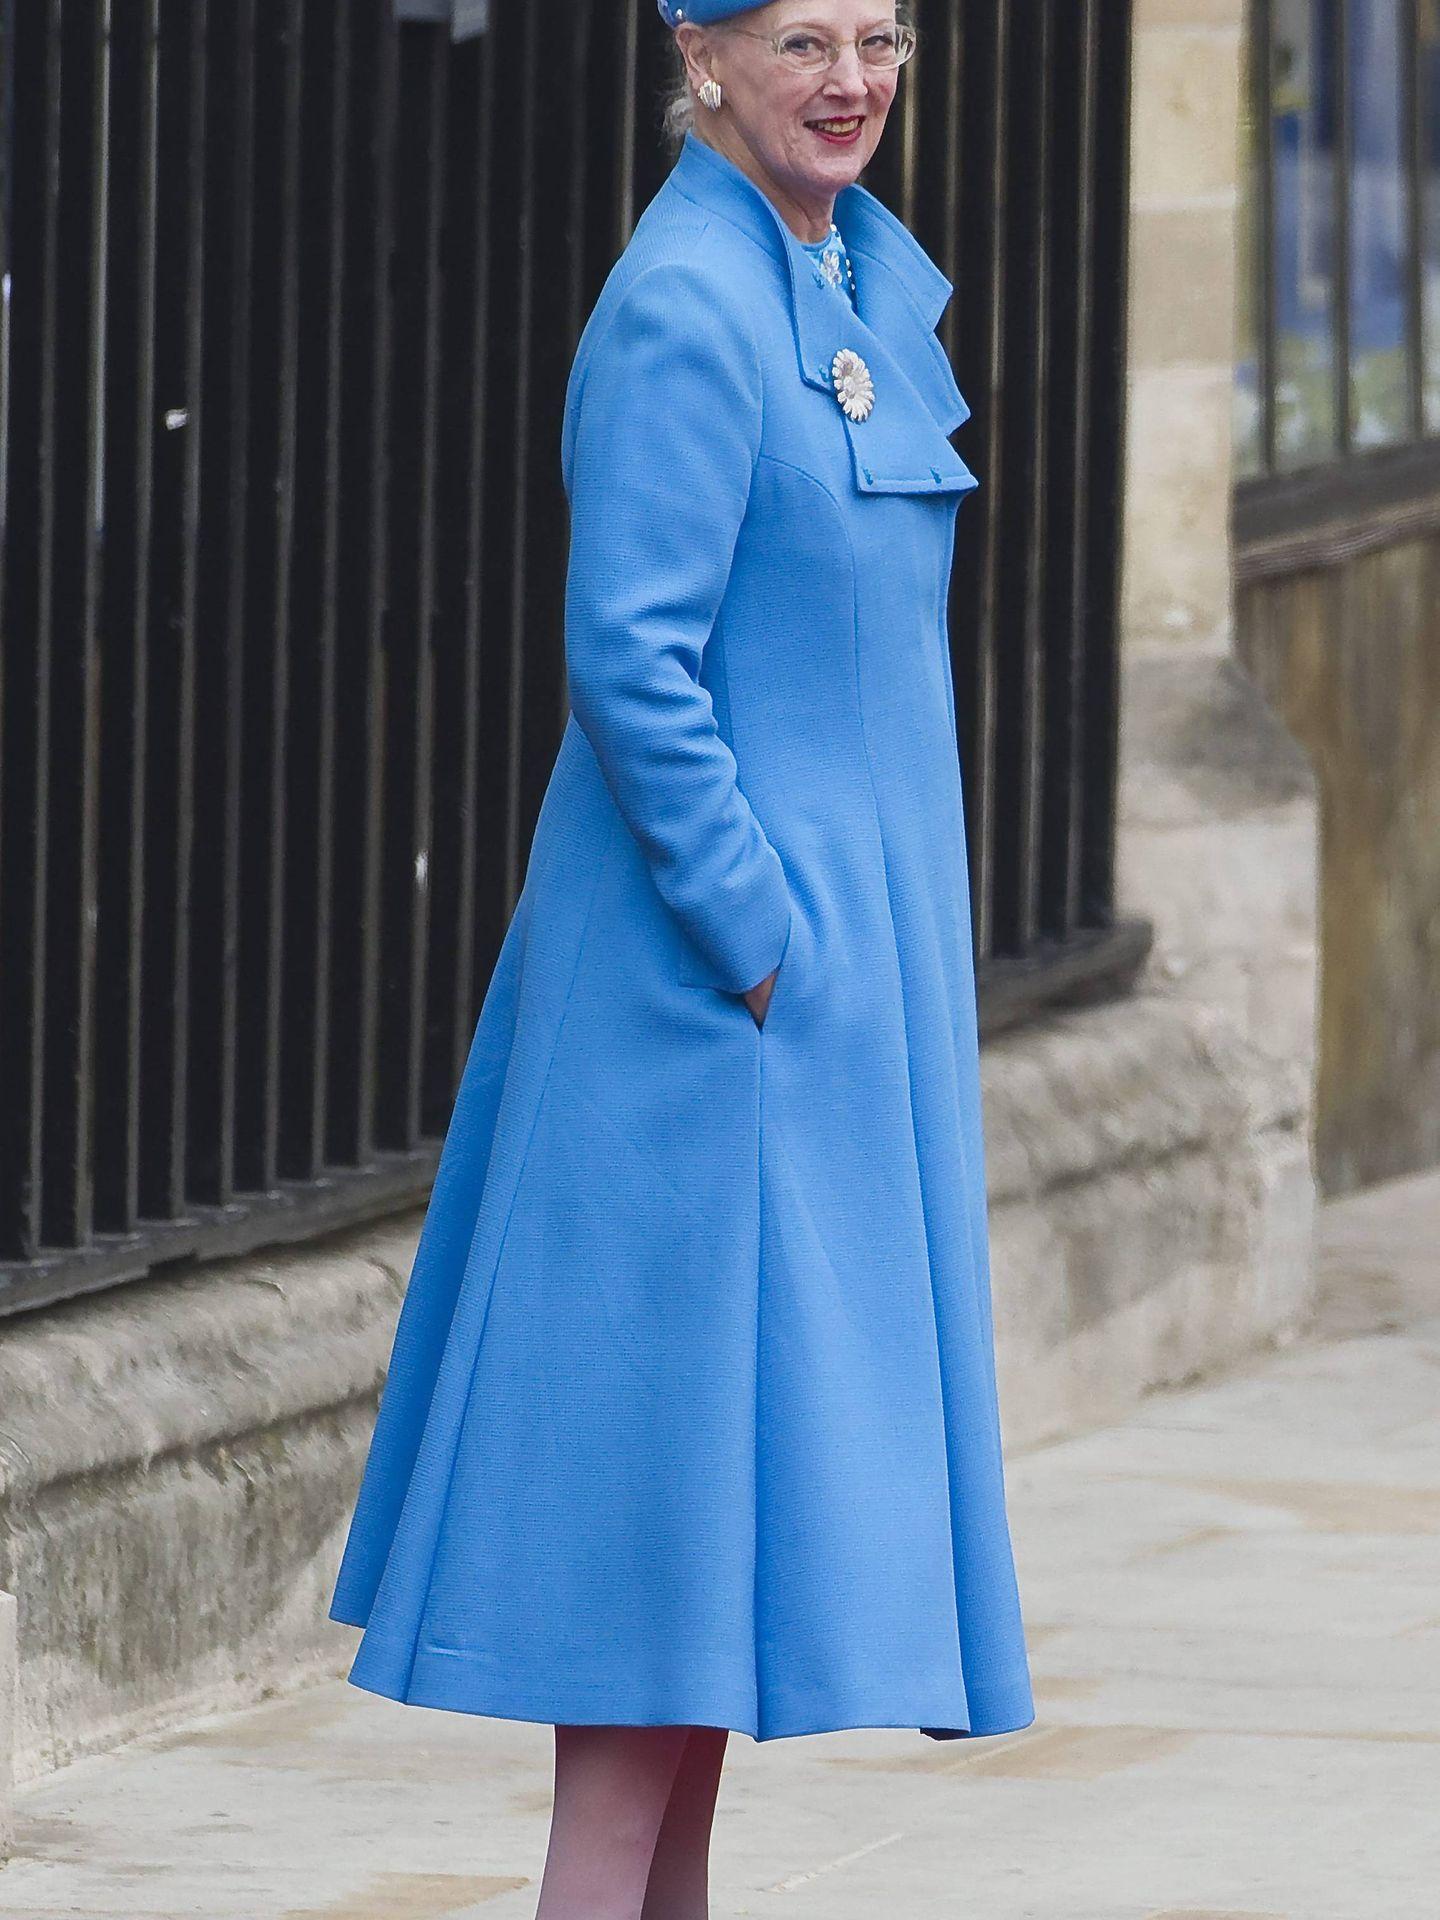 La reina Margarita II de Dinamarca, en la abadía de Westminster. (EFE)